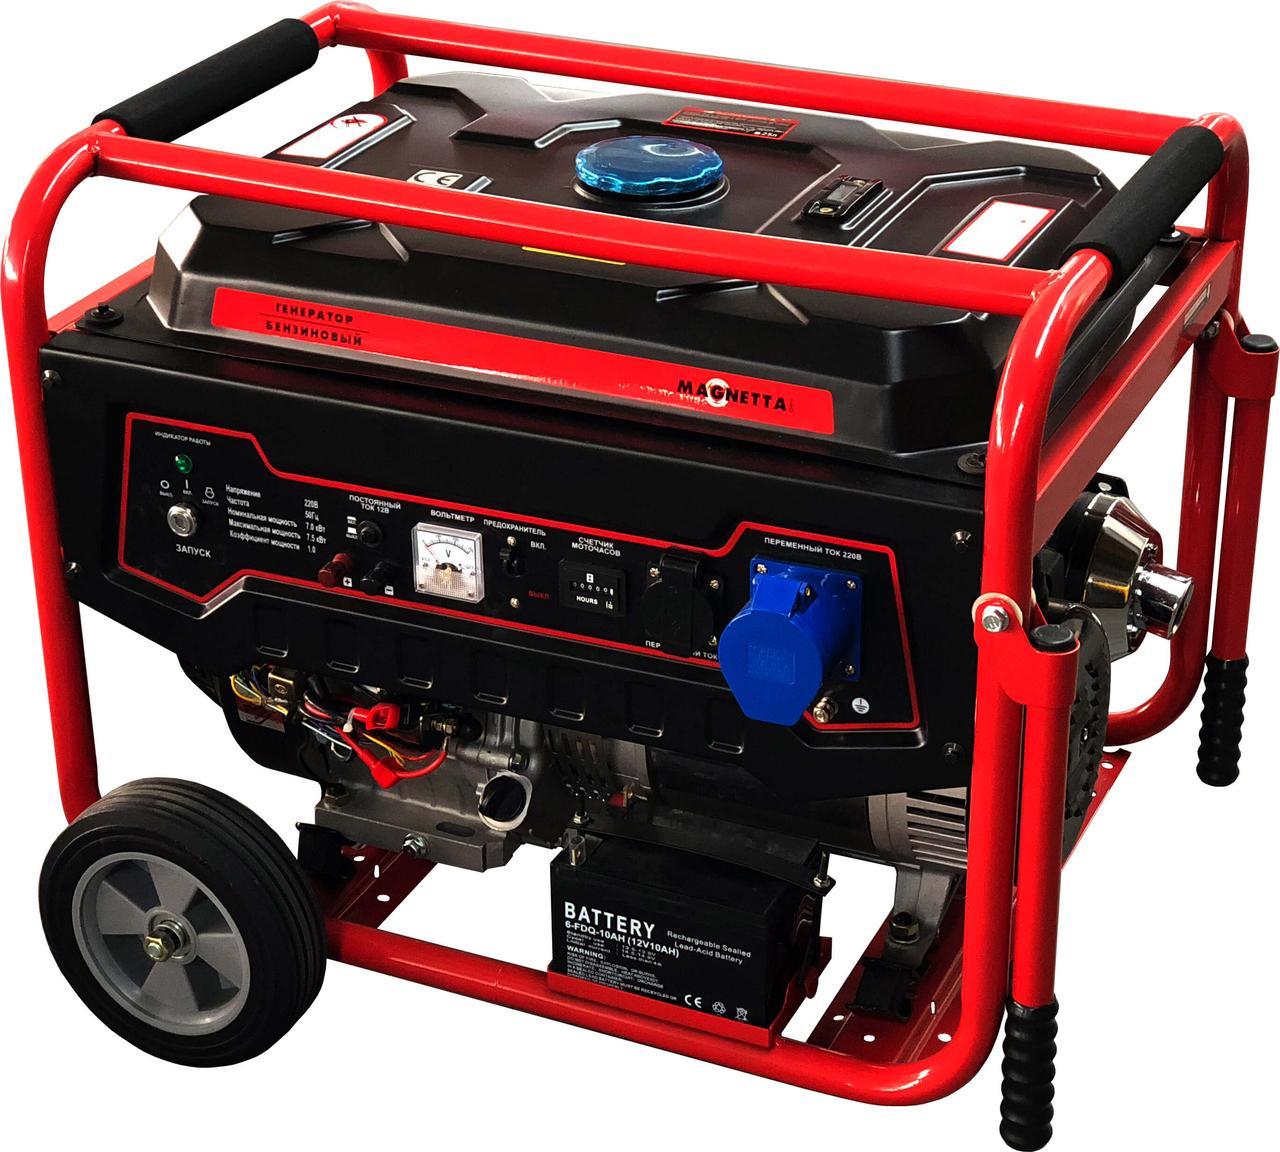 Генератор бензиновый  Magnetta GFE8000(6,5кВт)